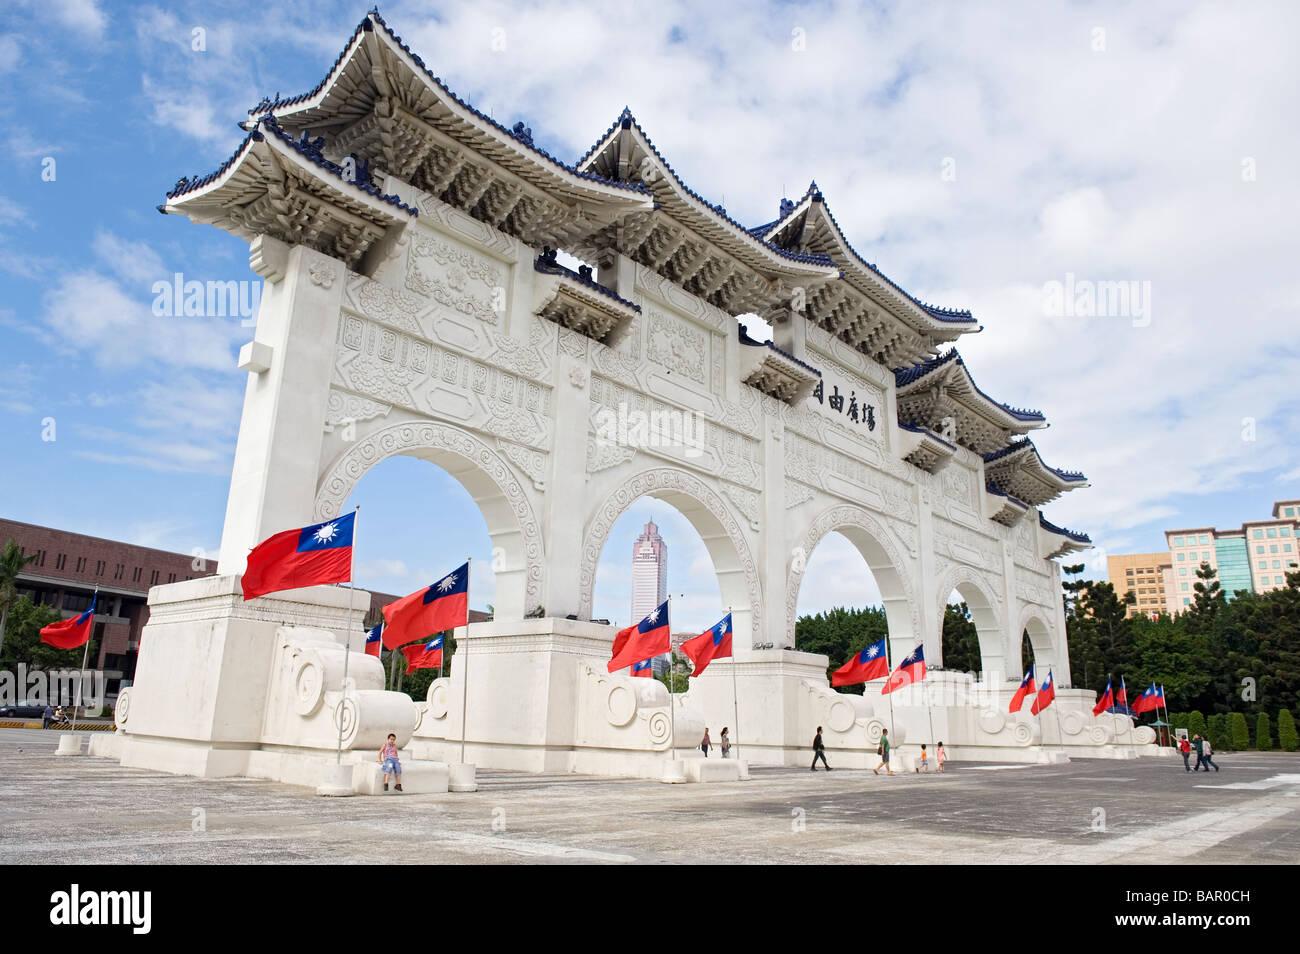 La puerta de gran centralidad y perfecta rectitud. Taipei, Taiwán. Imagen De Stock